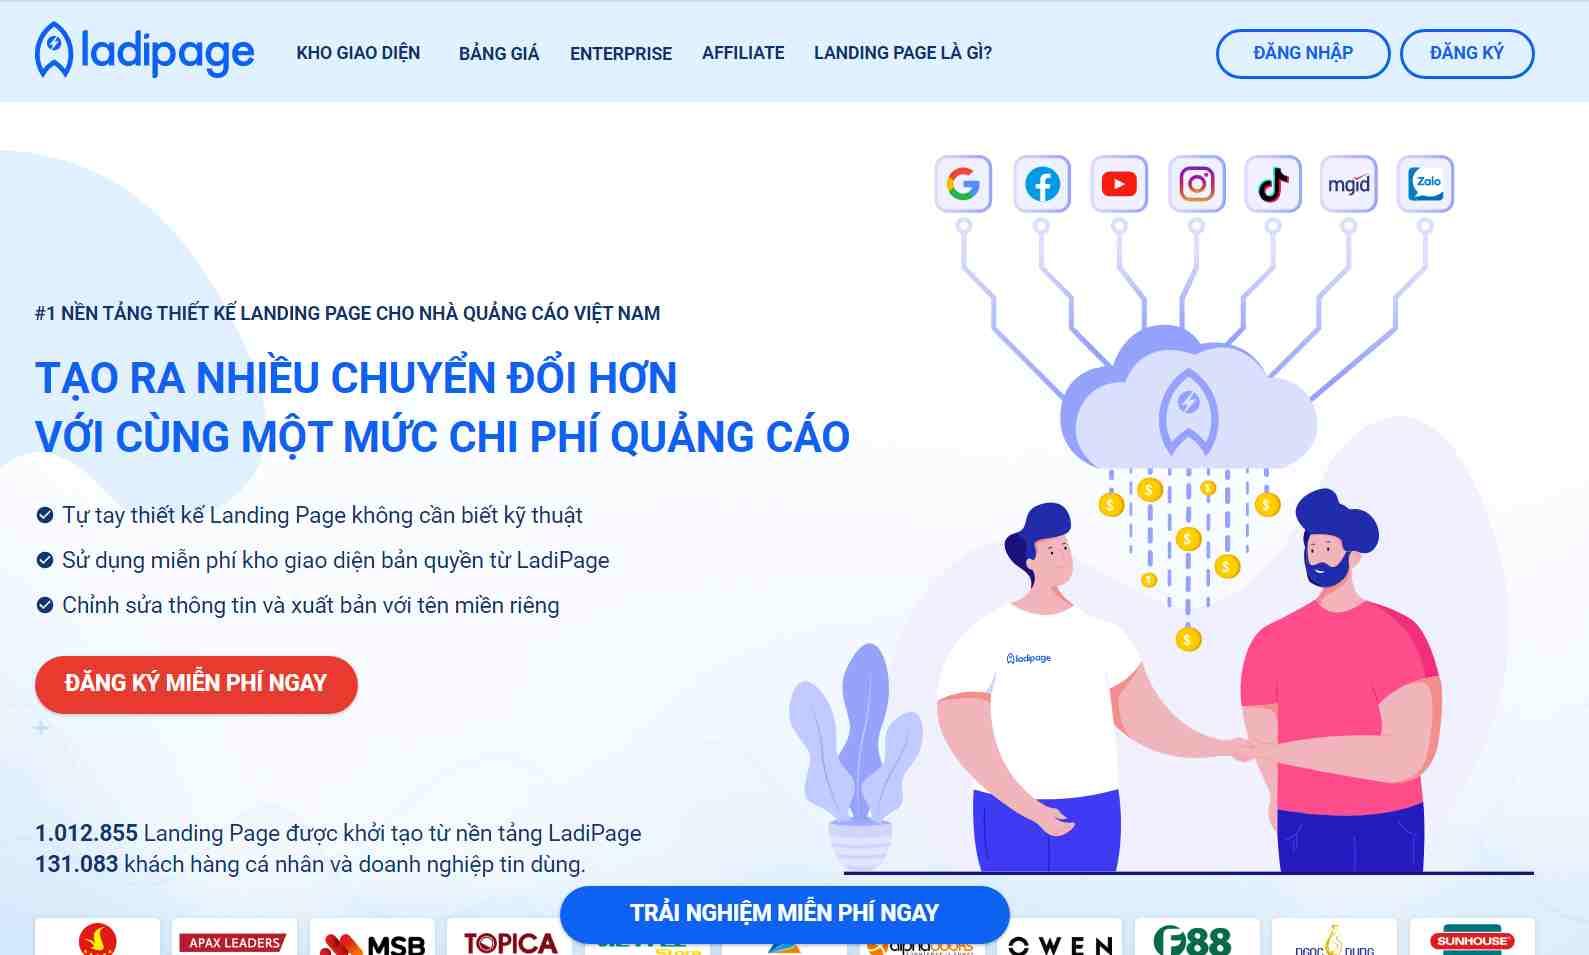 LadiPage là gì? Đánh giá tính năng LadiPage và hướng dẫn sử dụng - Nguyễn Văn Thắng